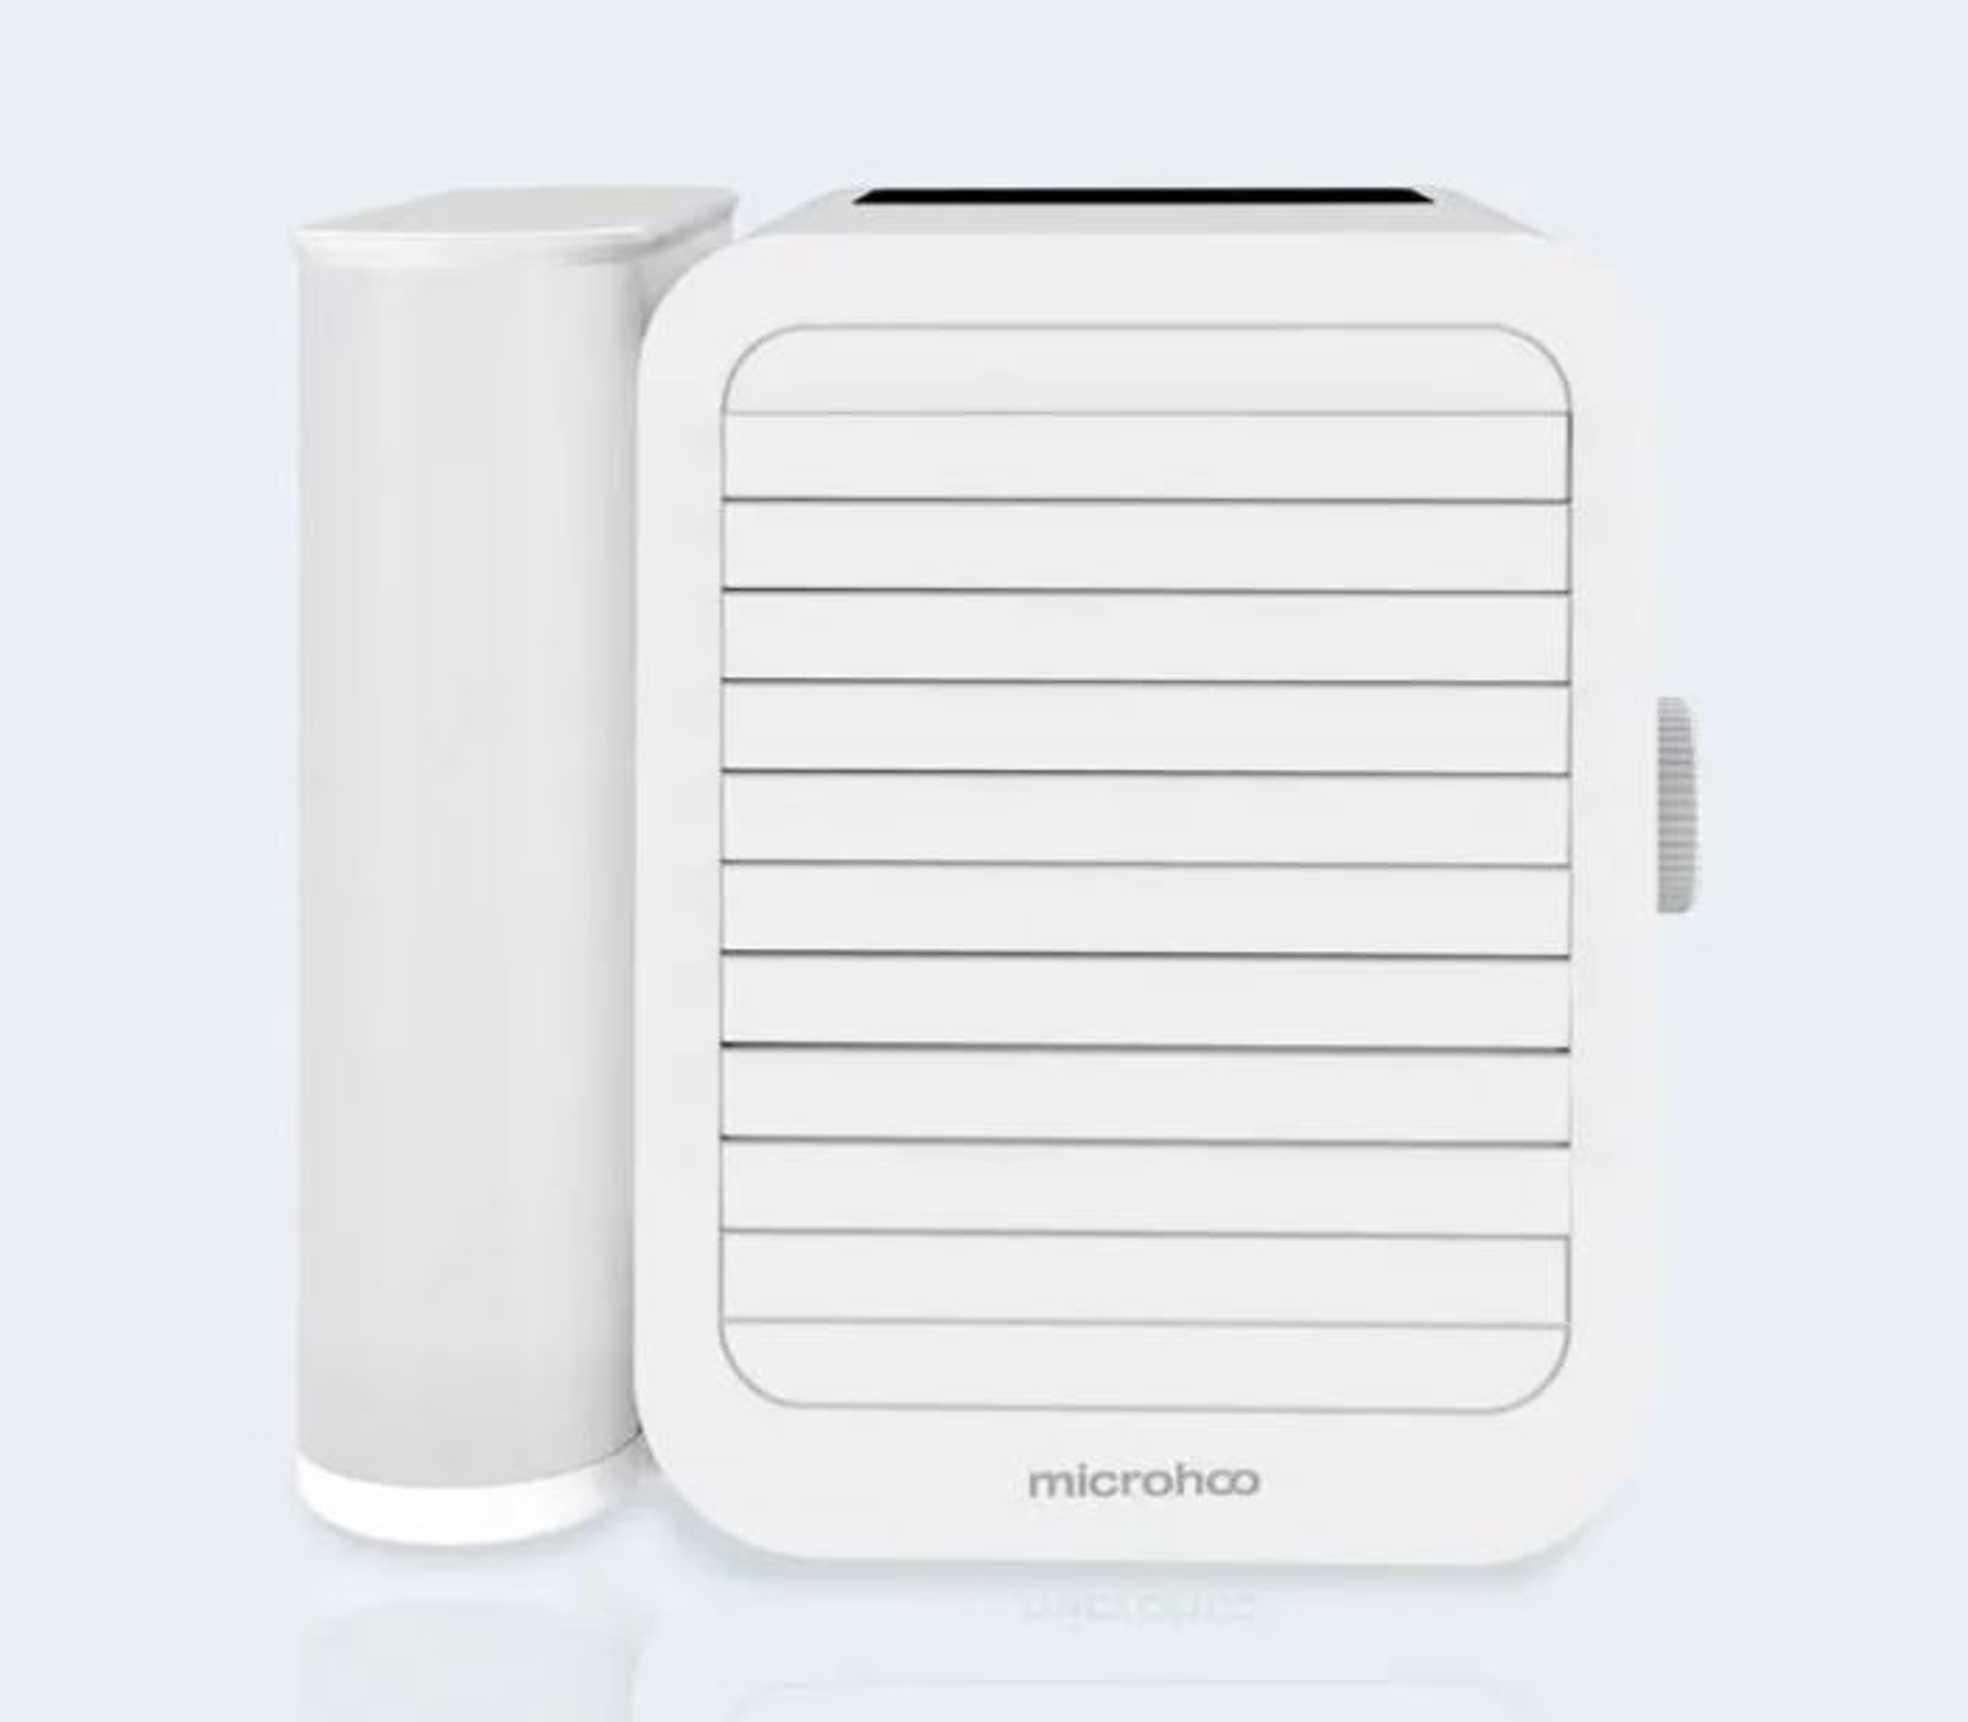 Xiaomi Microhoo - condicionador de mesa - Banggood